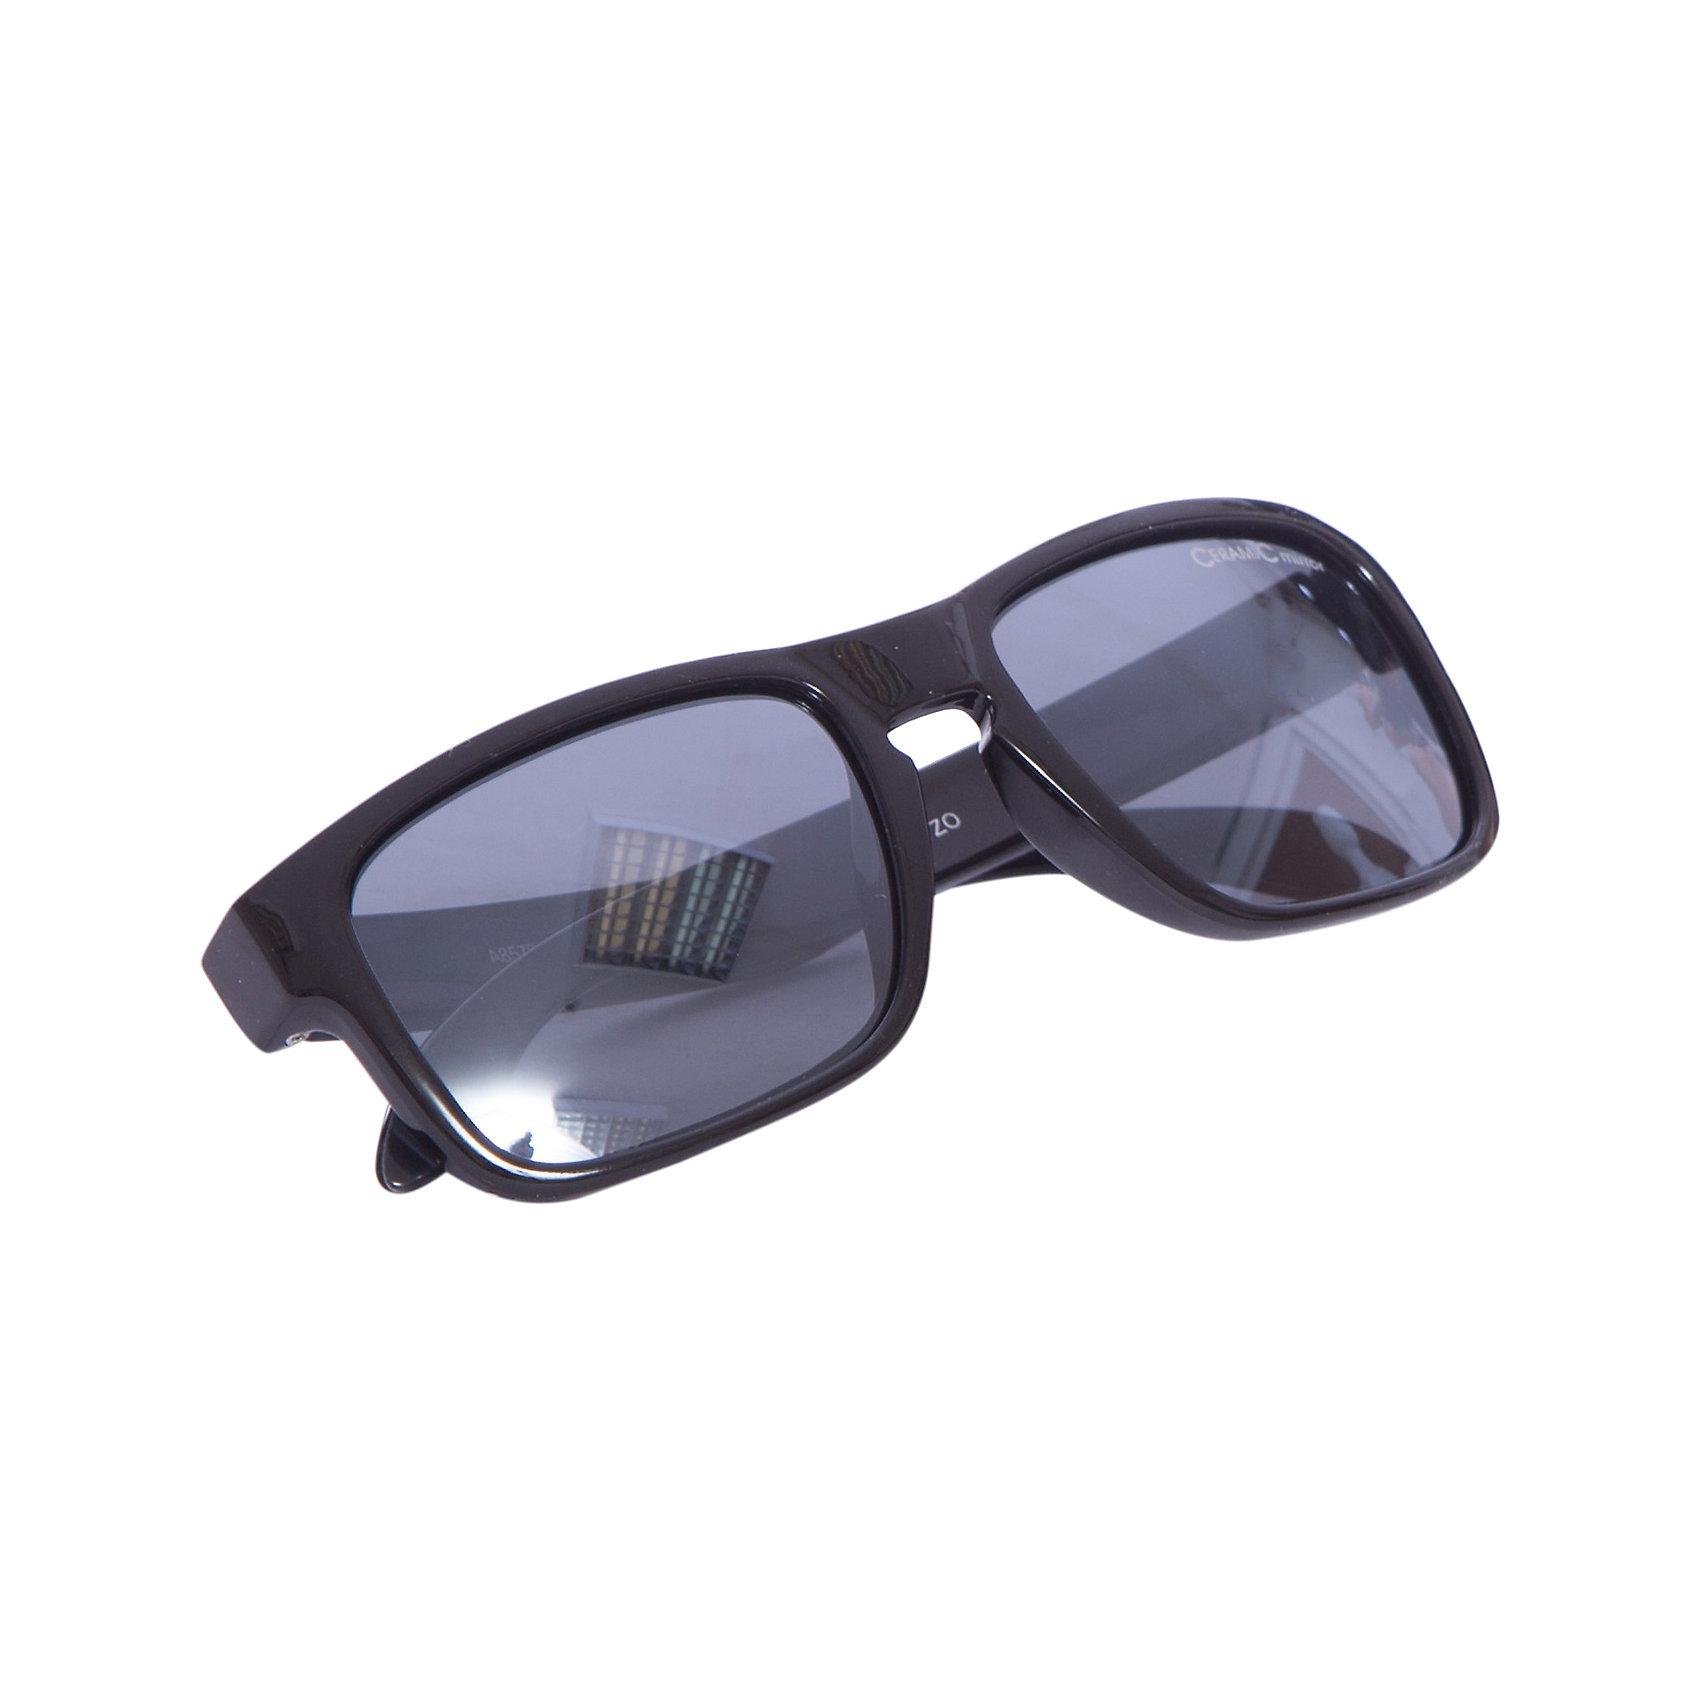 Очки солнцезащитные MITZO, черные, ALPINAСолнцезащитные очки<br><br><br>Ширина мм: 162<br>Глубина мм: 75<br>Высота мм: 40<br>Вес г: 38<br>Цвет: черный<br>Возраст от месяцев: 72<br>Возраст до месяцев: 120<br>Пол: Мужской<br>Возраст: Детский<br>SKU: 5225719